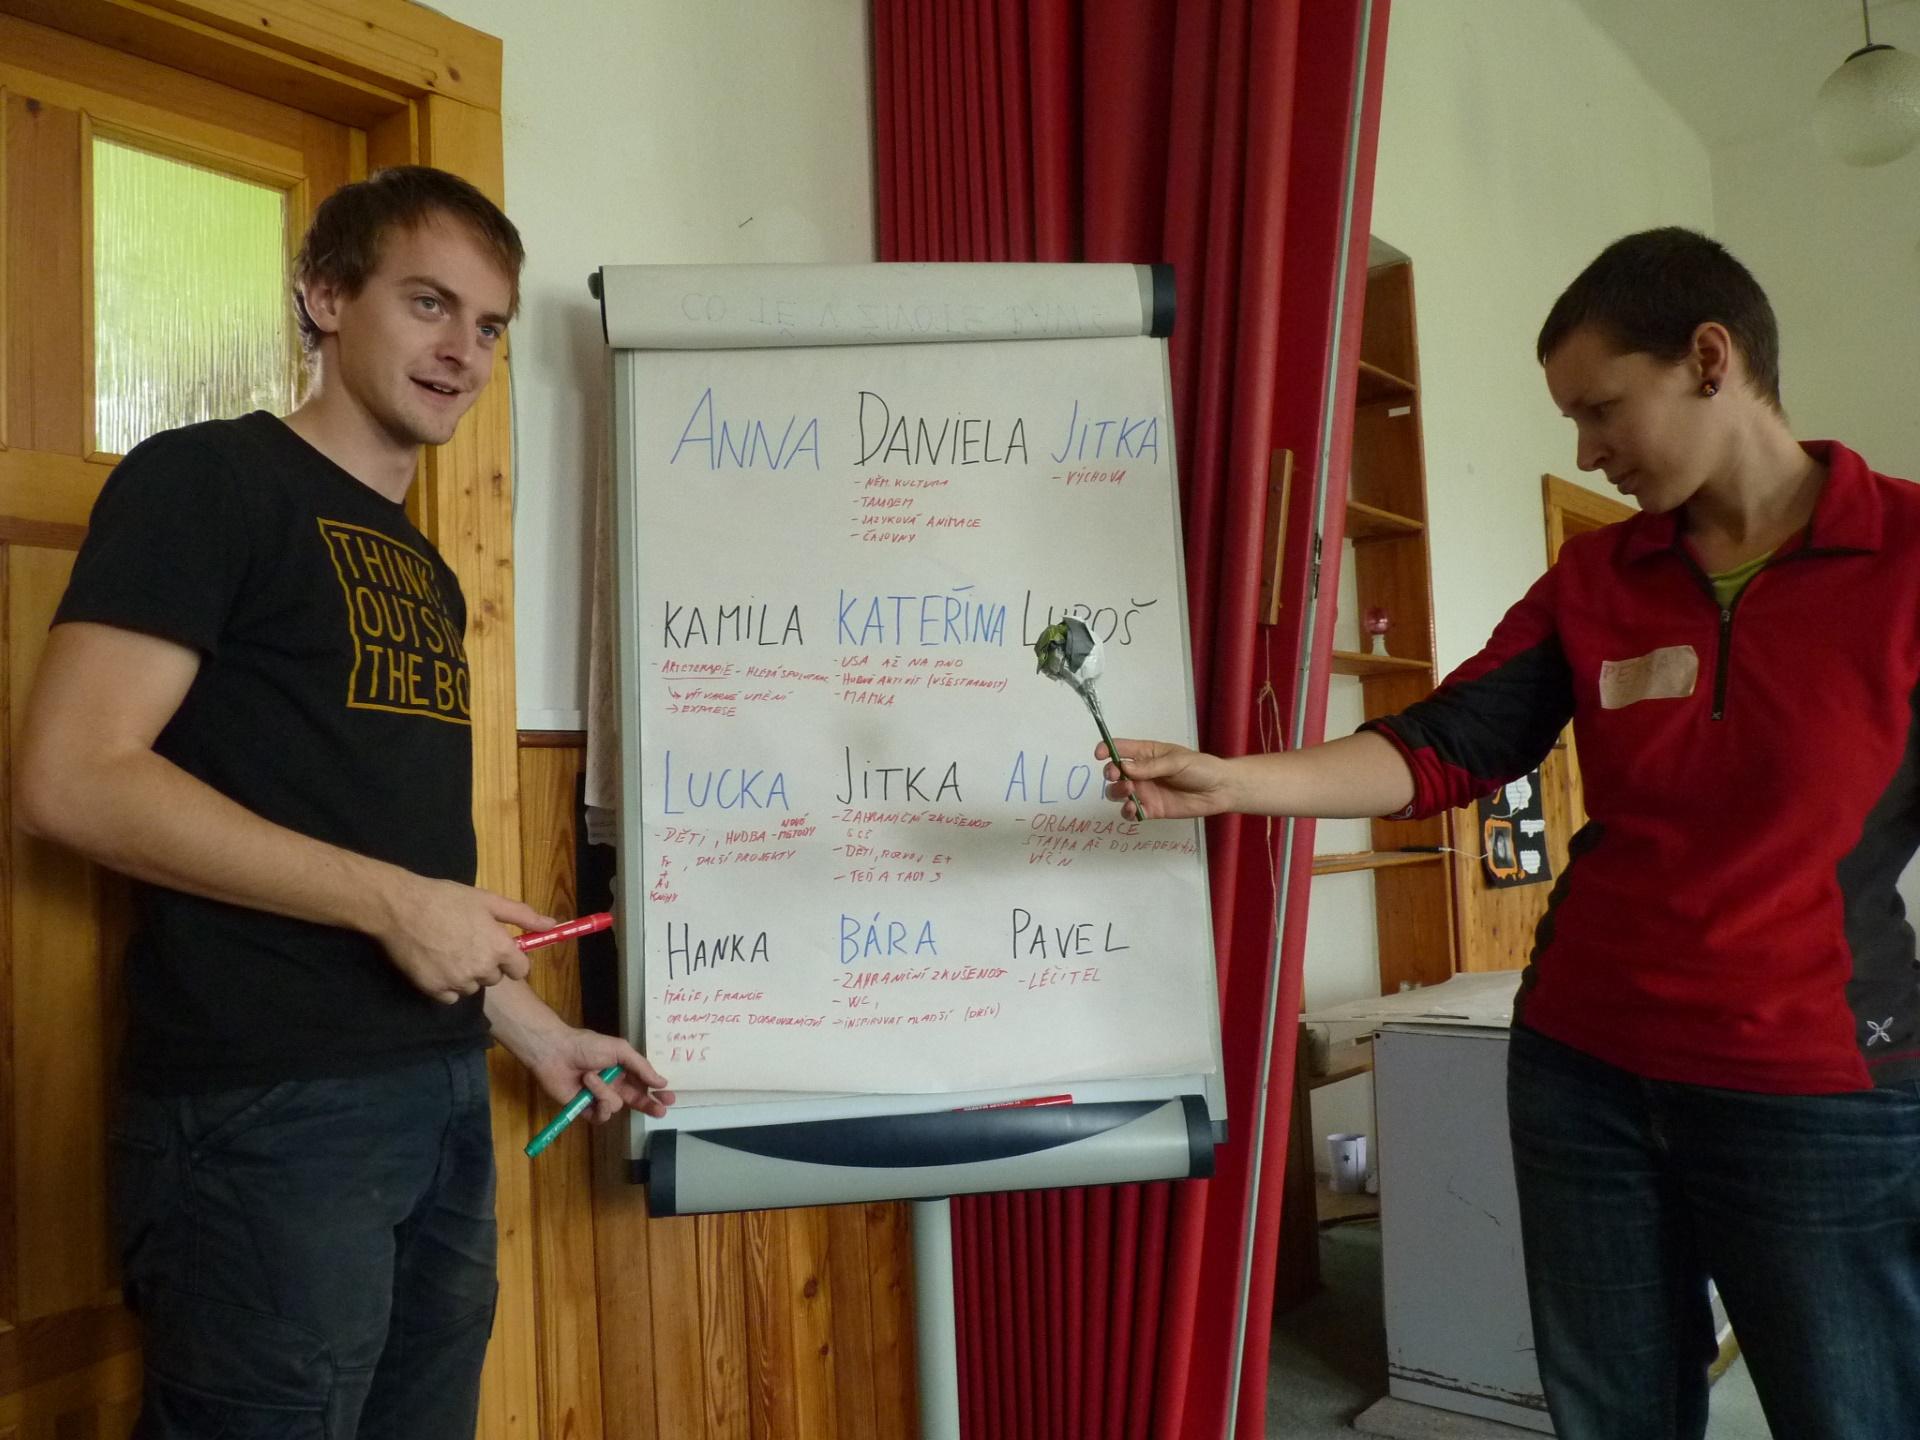 INEX-SDA a mezinárodní školení mentorů projektu ZDoKonal se